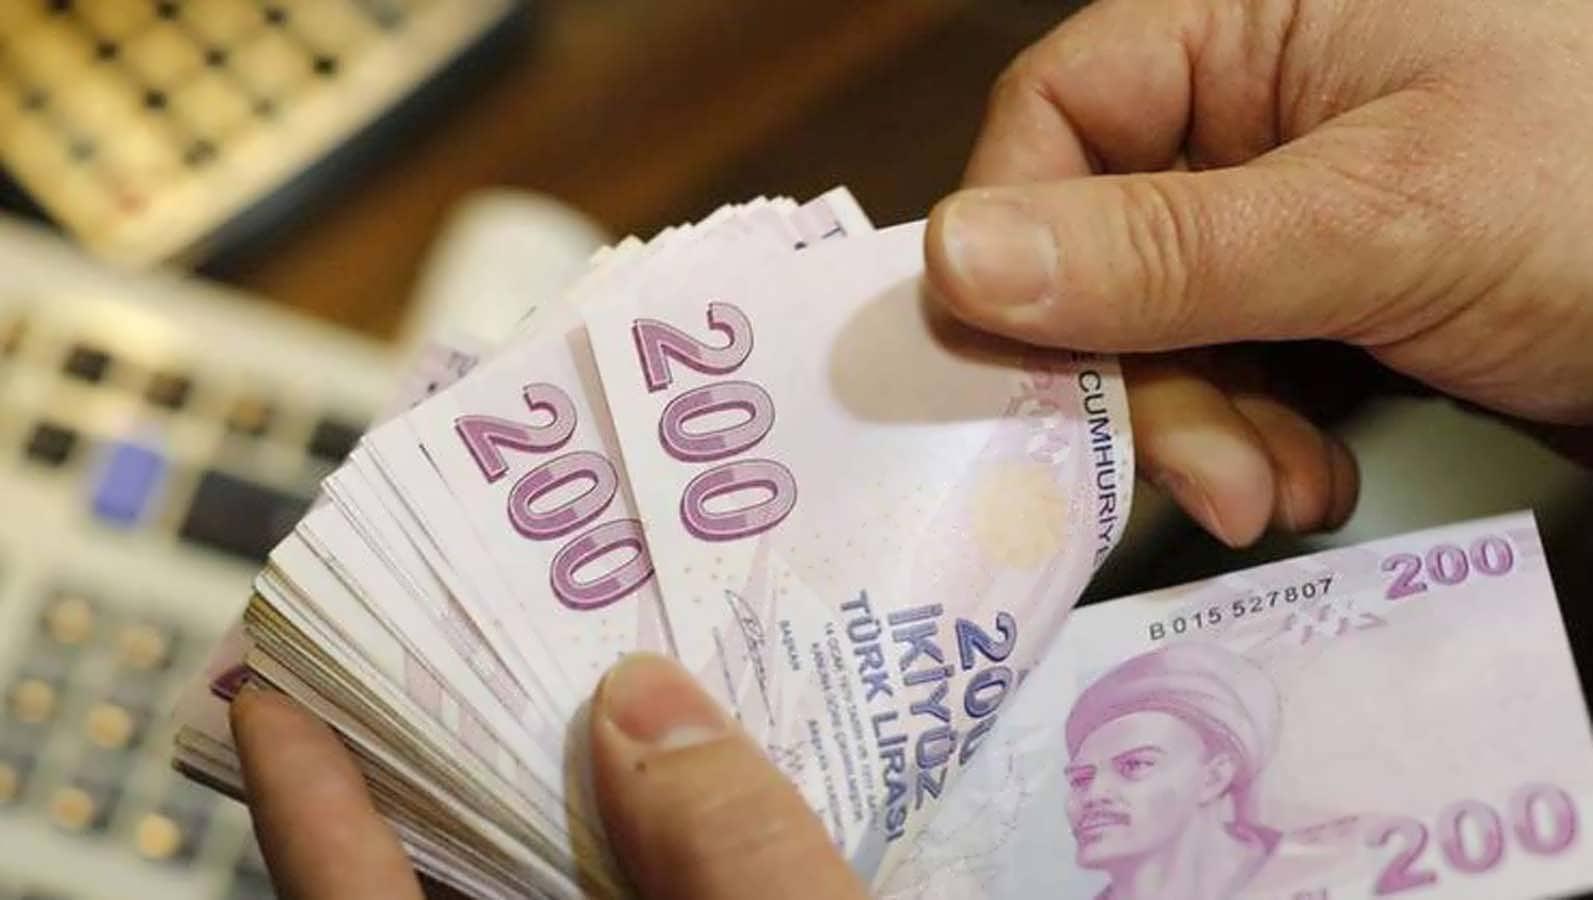 Asgari Ücret 2019'da Ne Kadar Artacak? Talepler Neler?